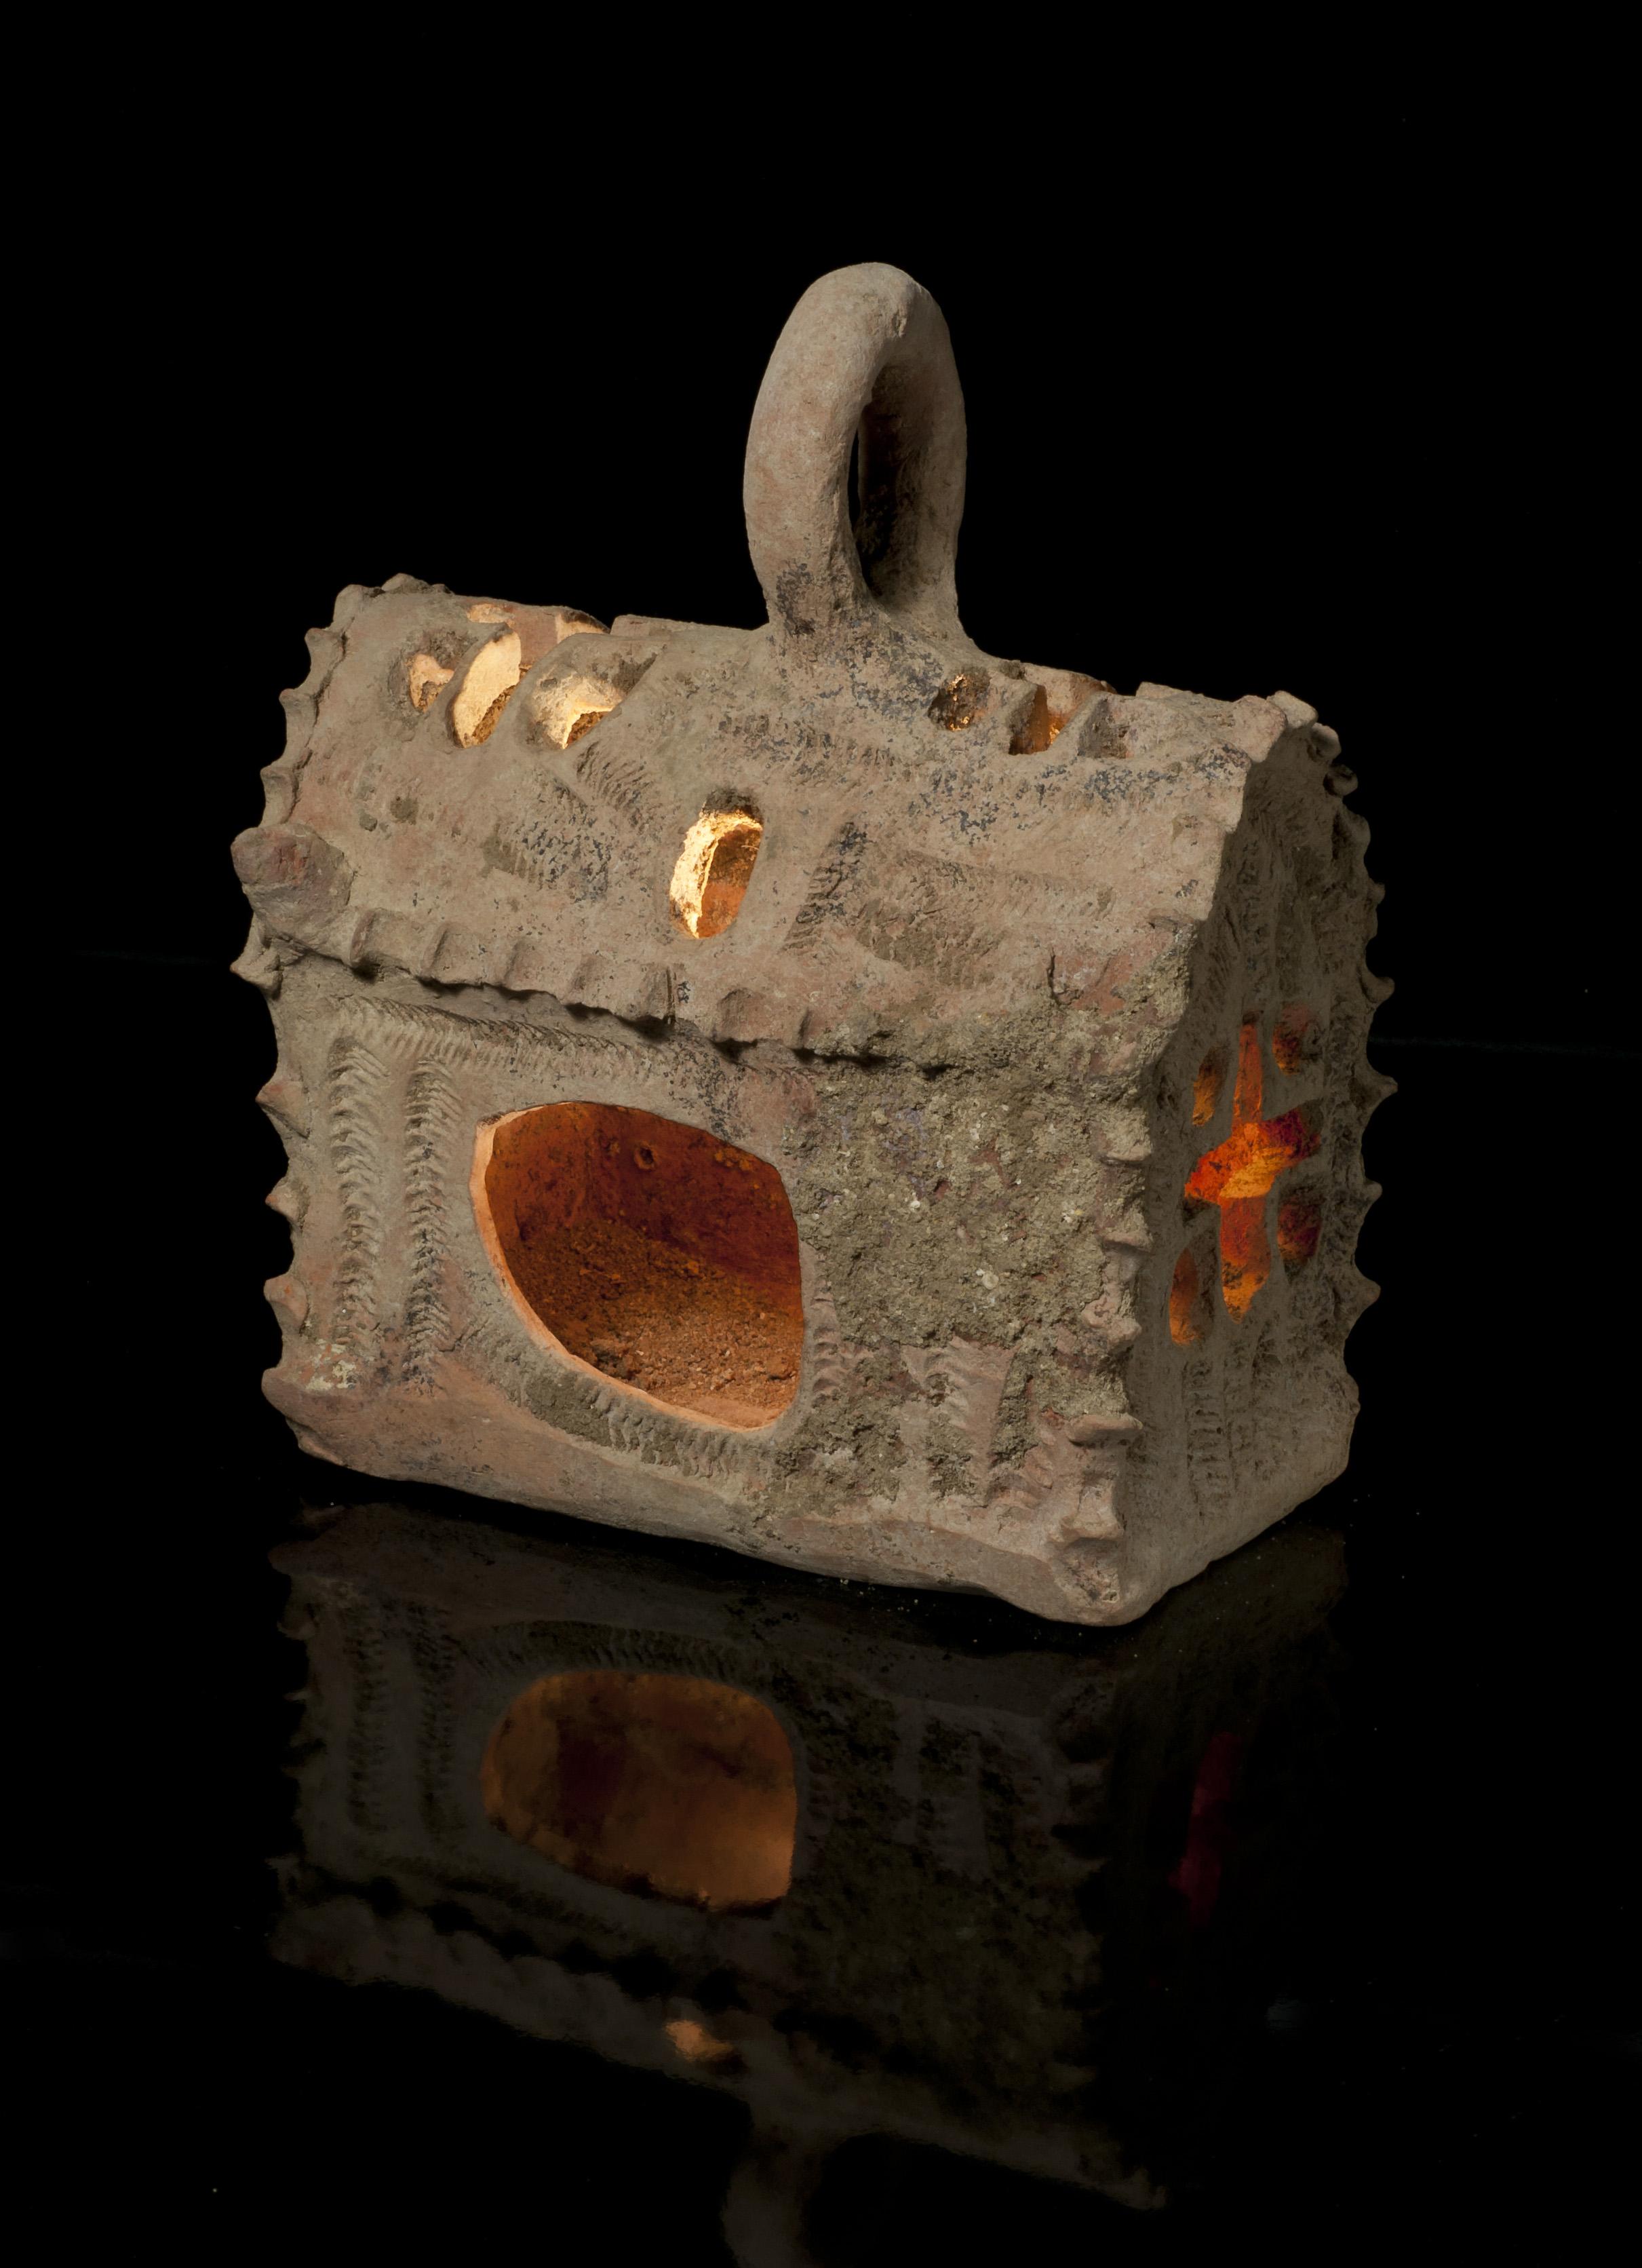 צלמית המנורה - צילום:קלרה עמית, באדיבות רשות העתיקות